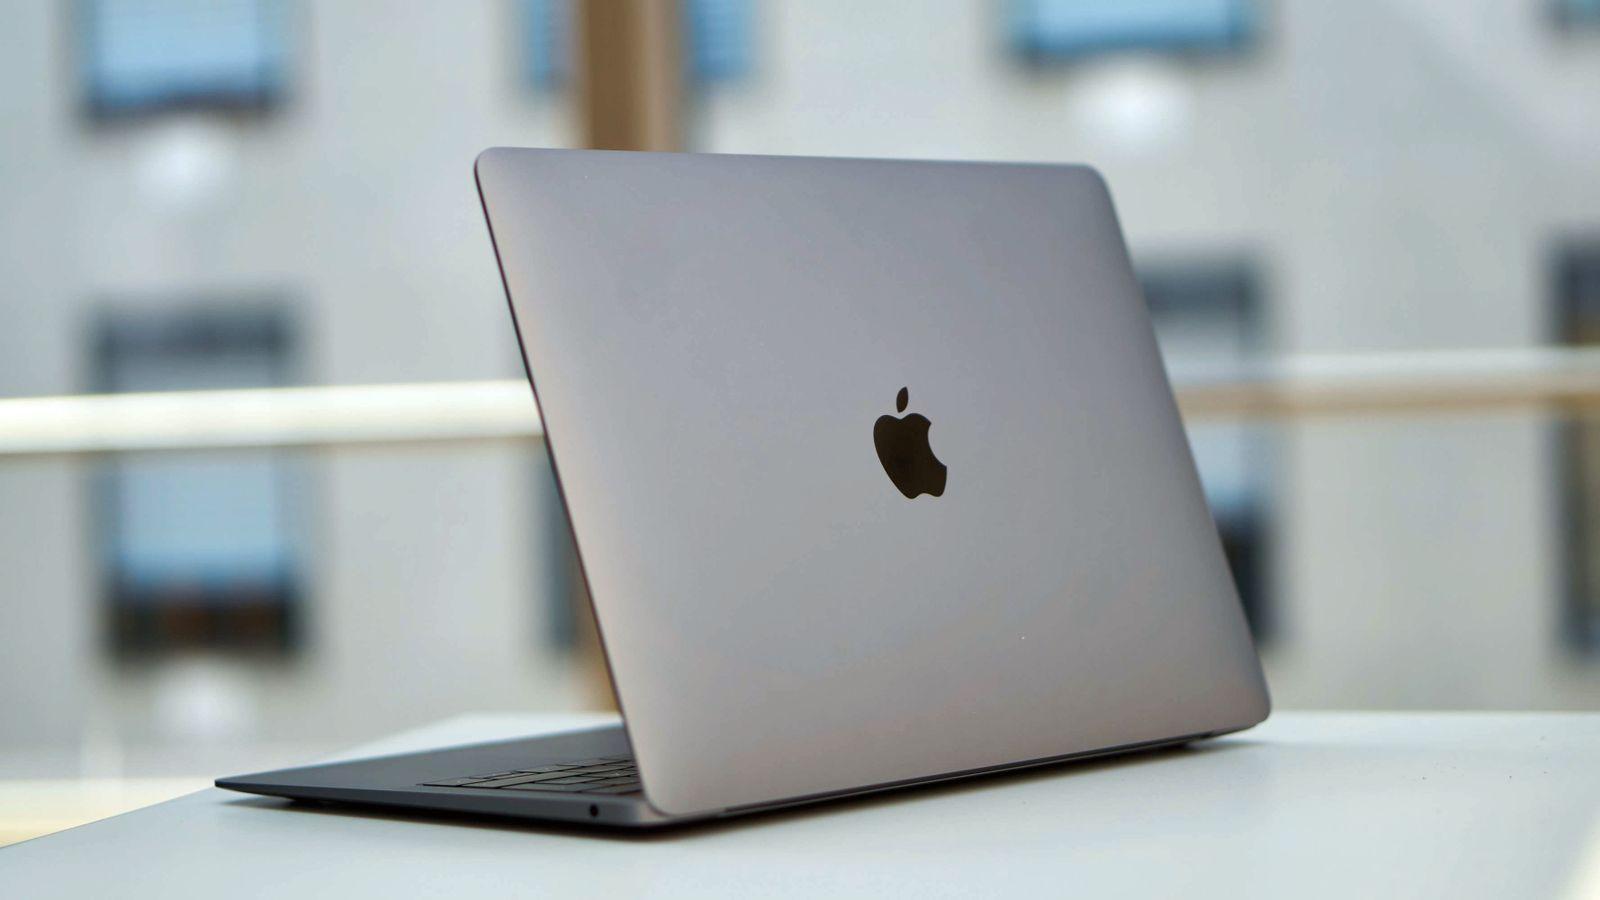 Nå kommer oppstartslyden på Mac tilbake